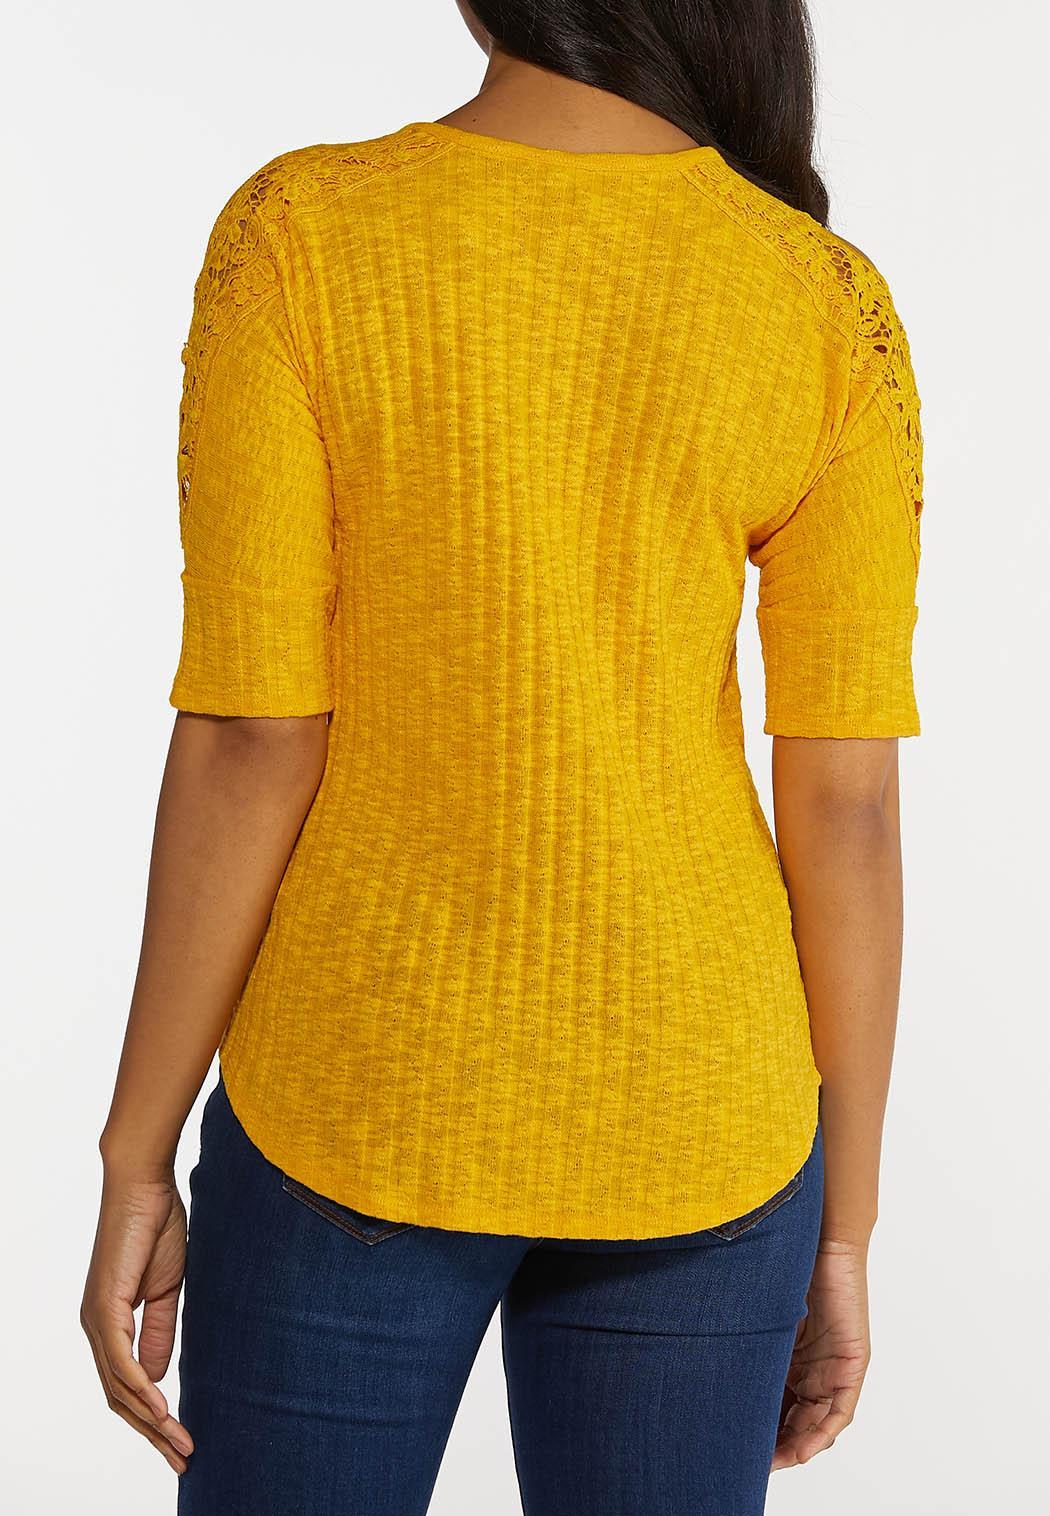 Plus Size Gold Lace Shoulder Top (Item #44247775)